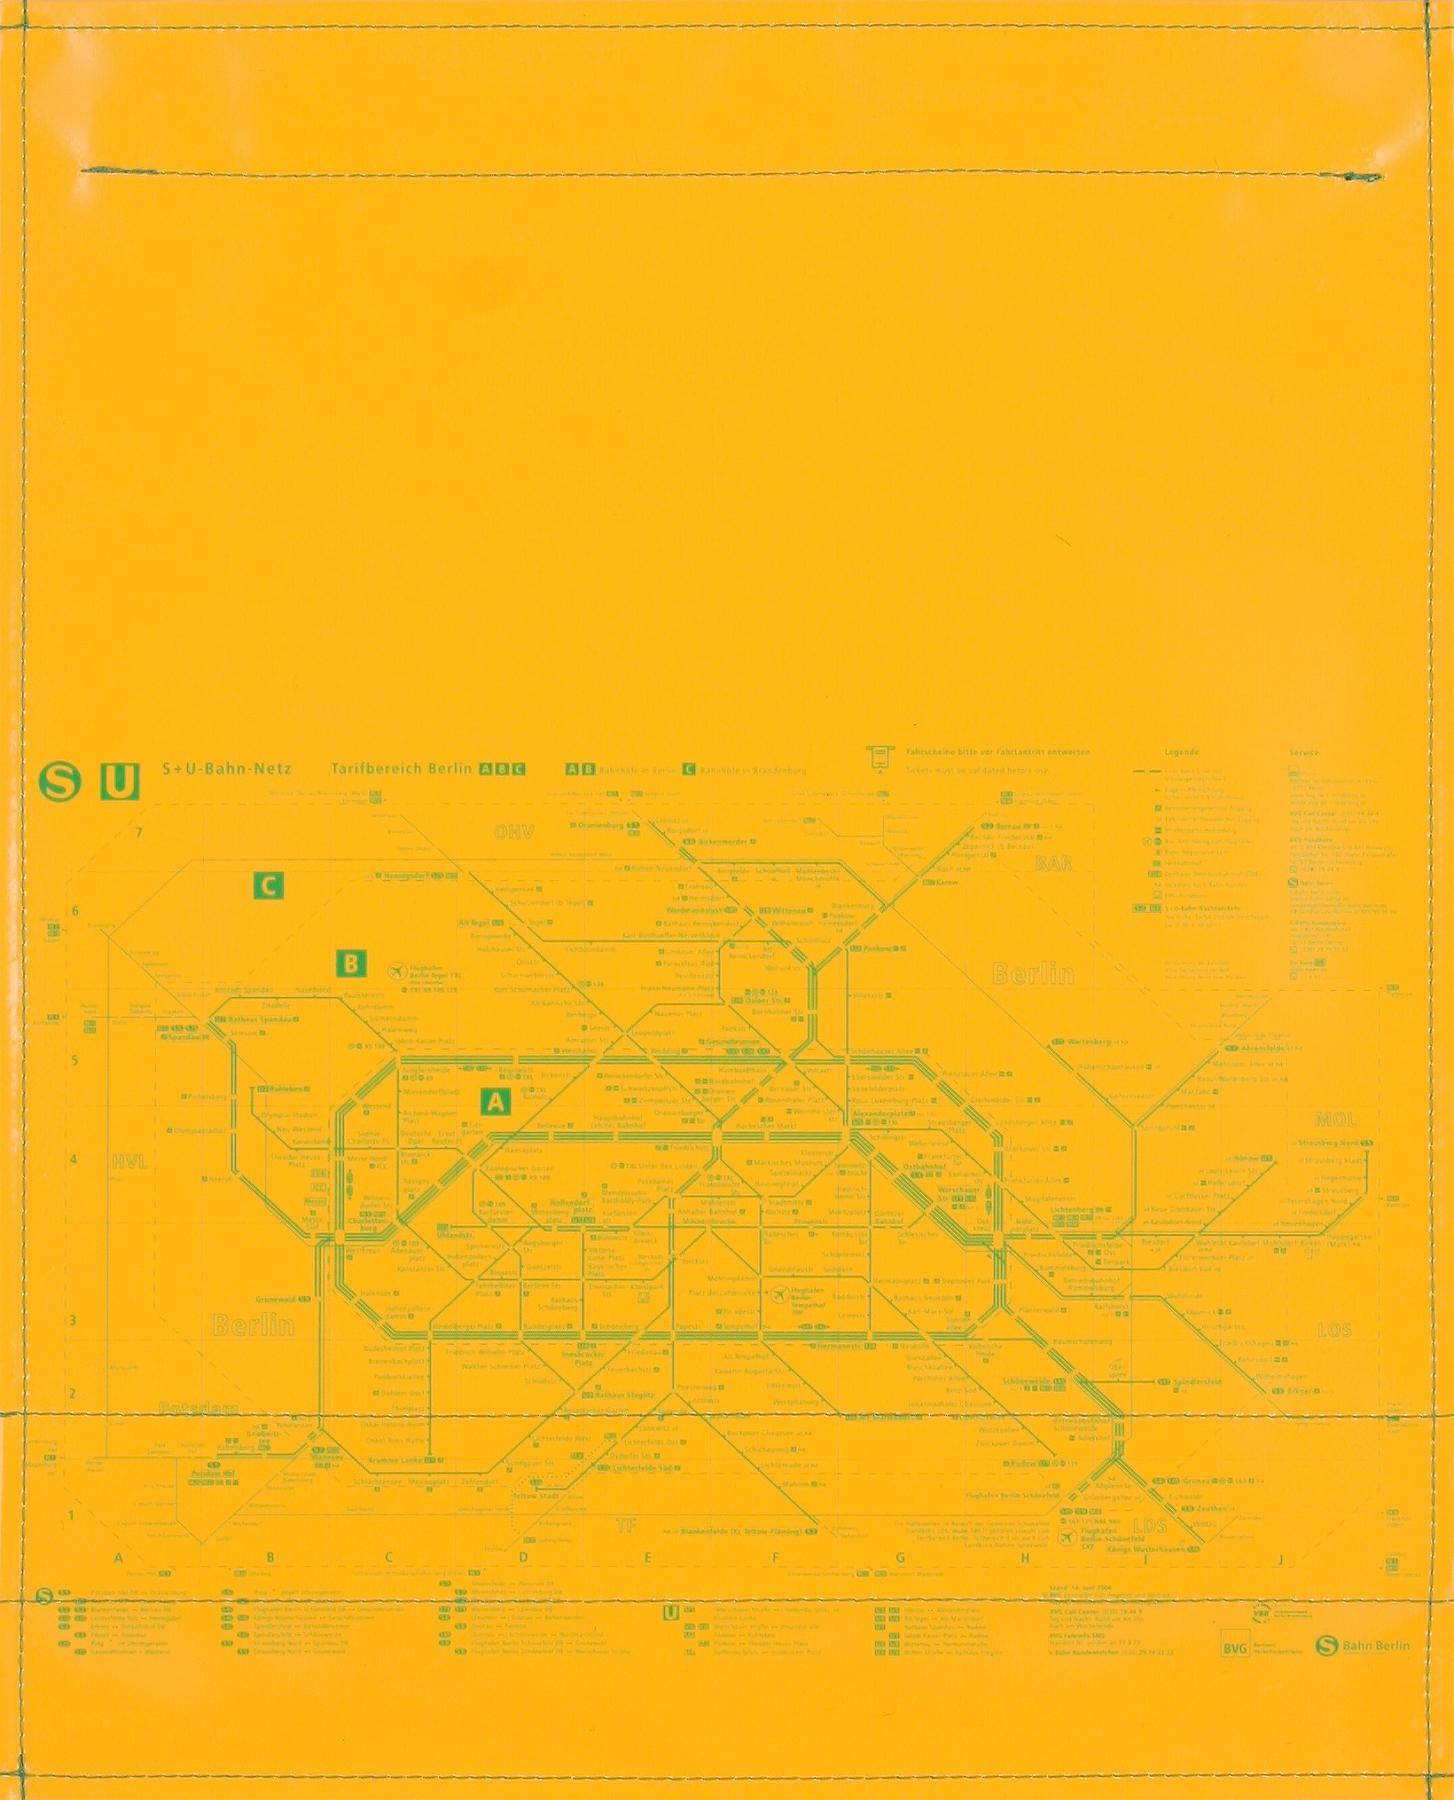 BVG gelb/grün (groß)